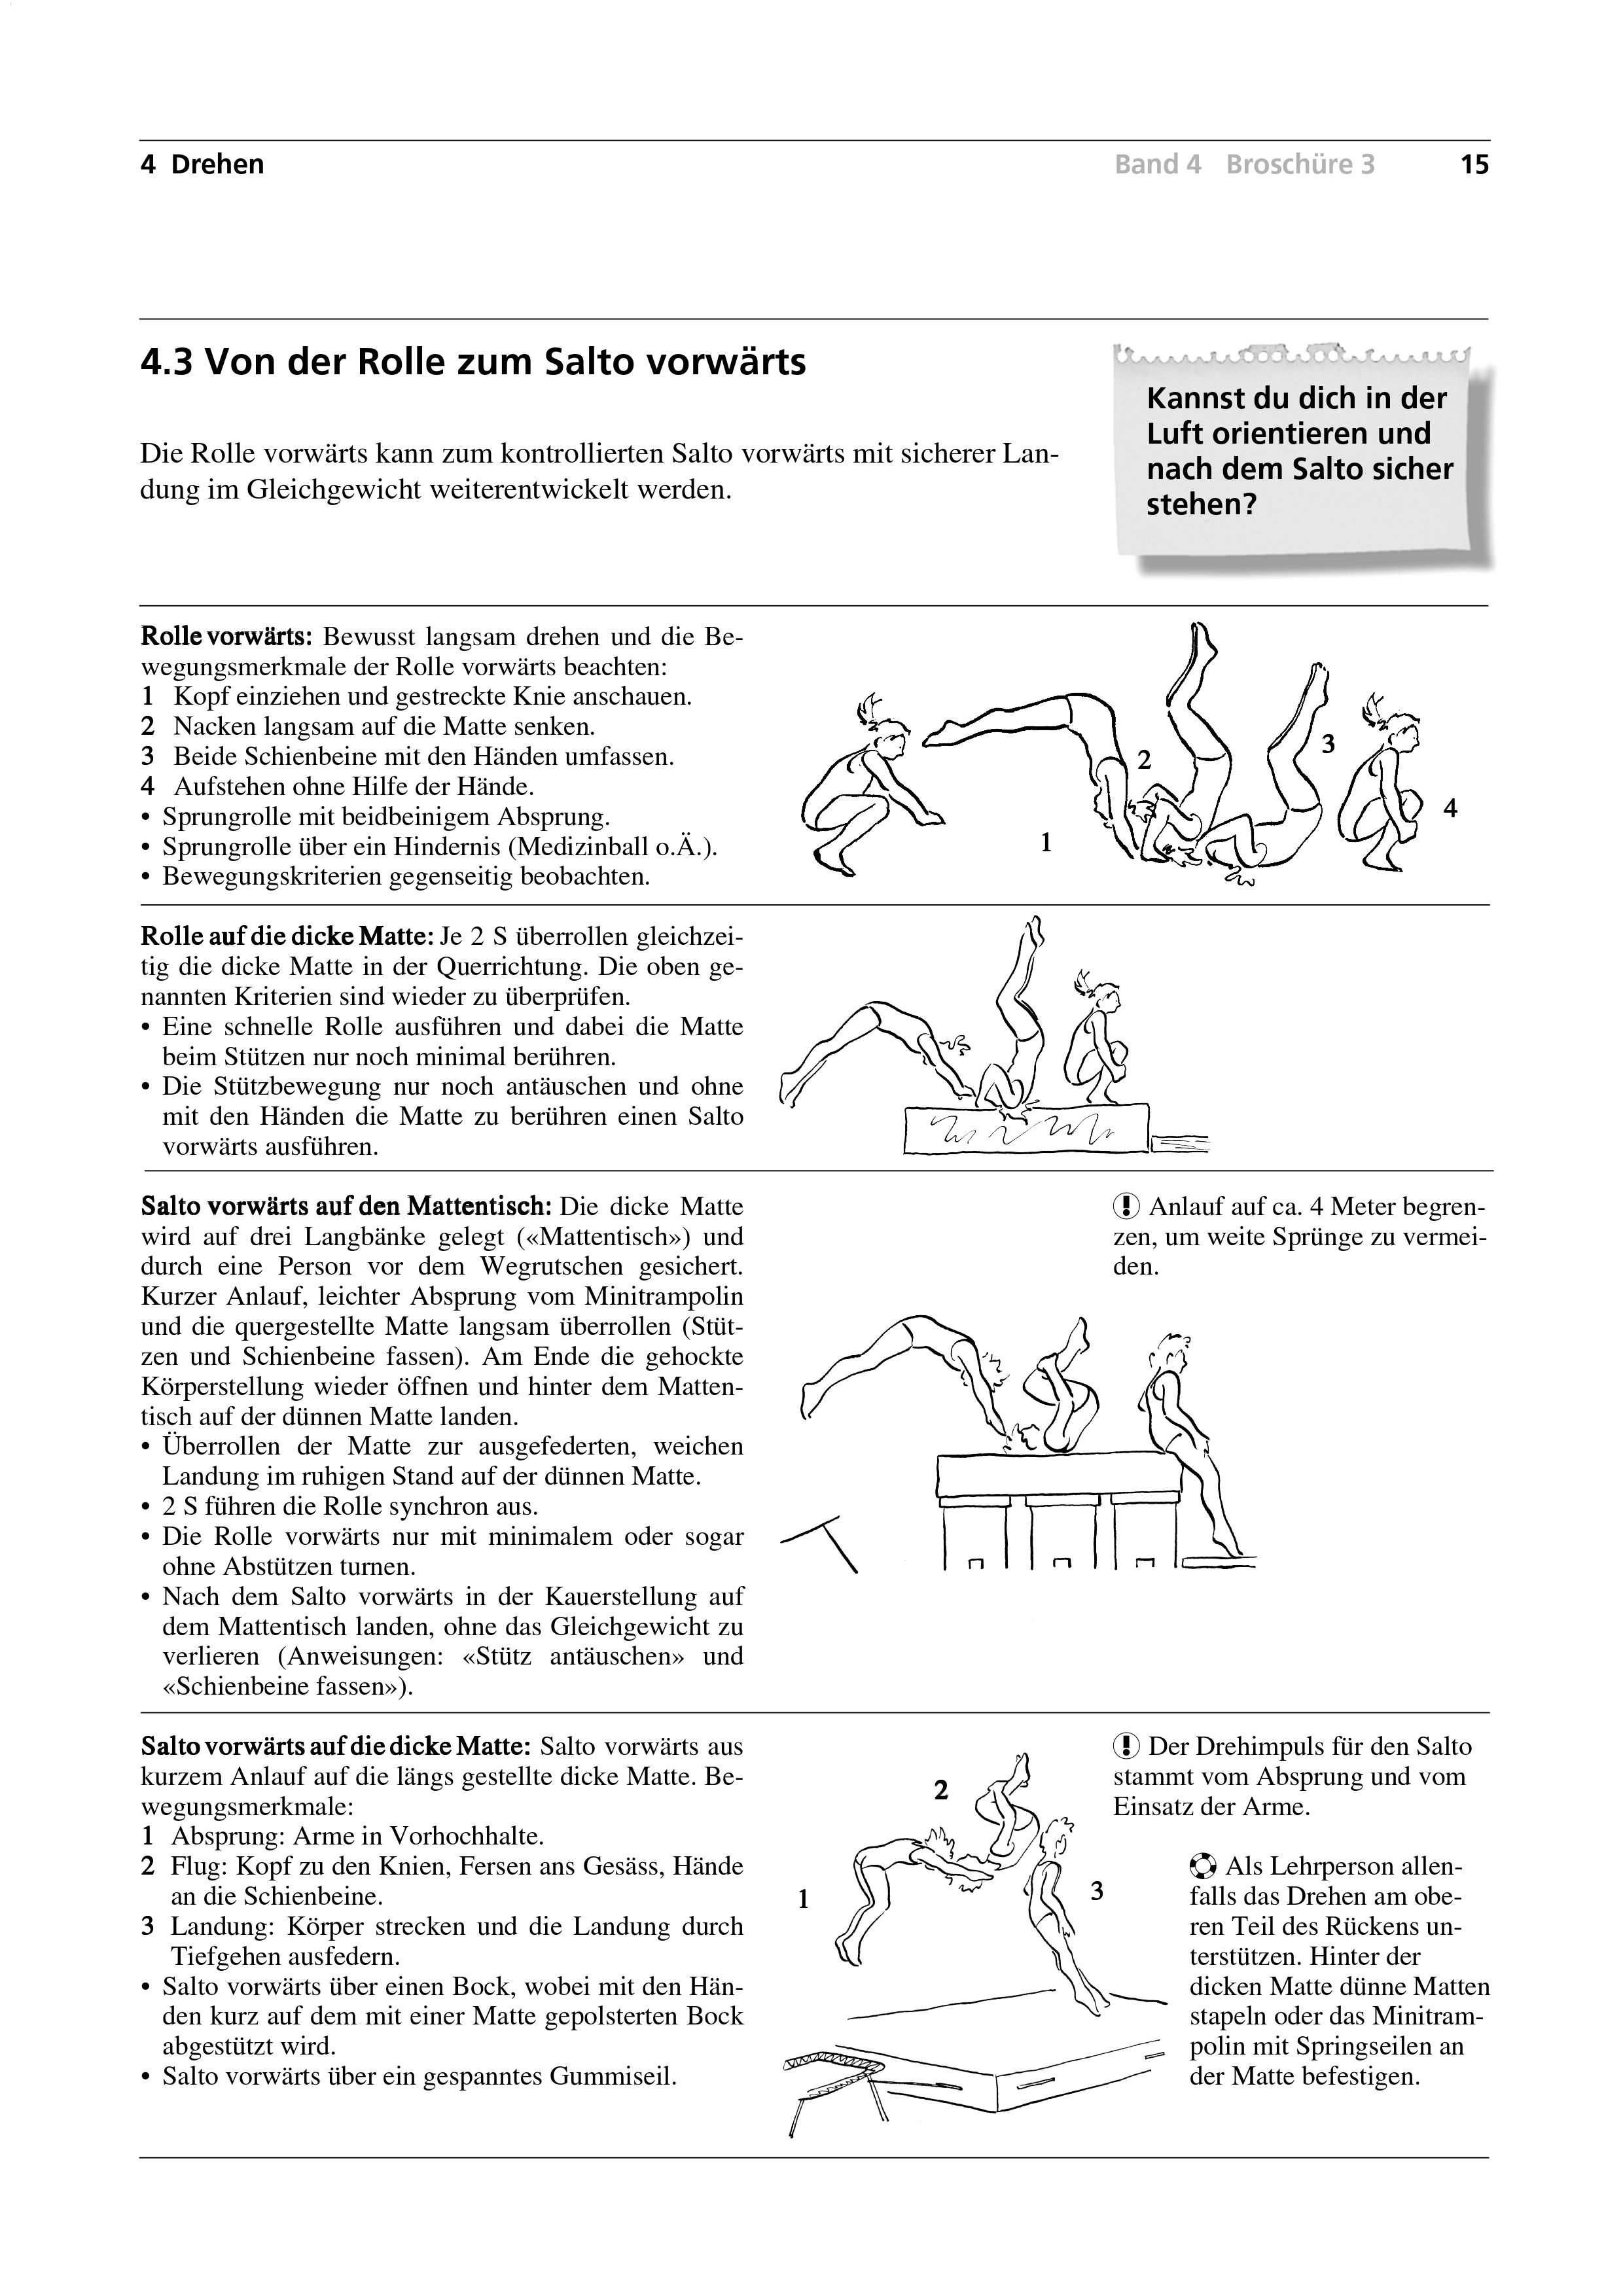 Preview image for LOM object Von der Rolle zum Salto vorwärts